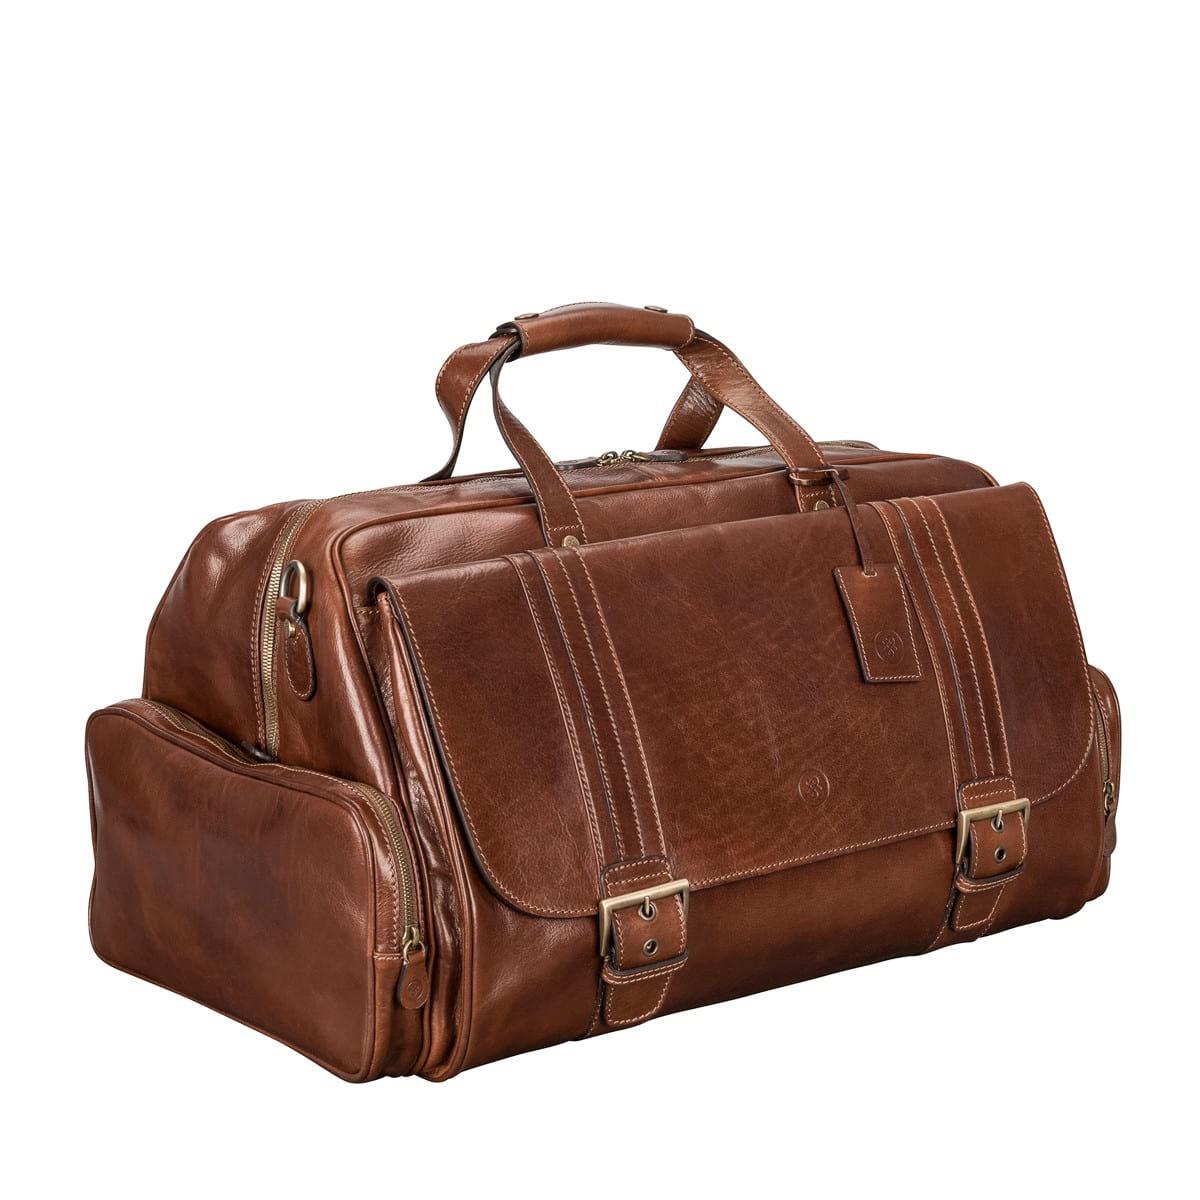 Quels sont les atouts du sac à main vernis?